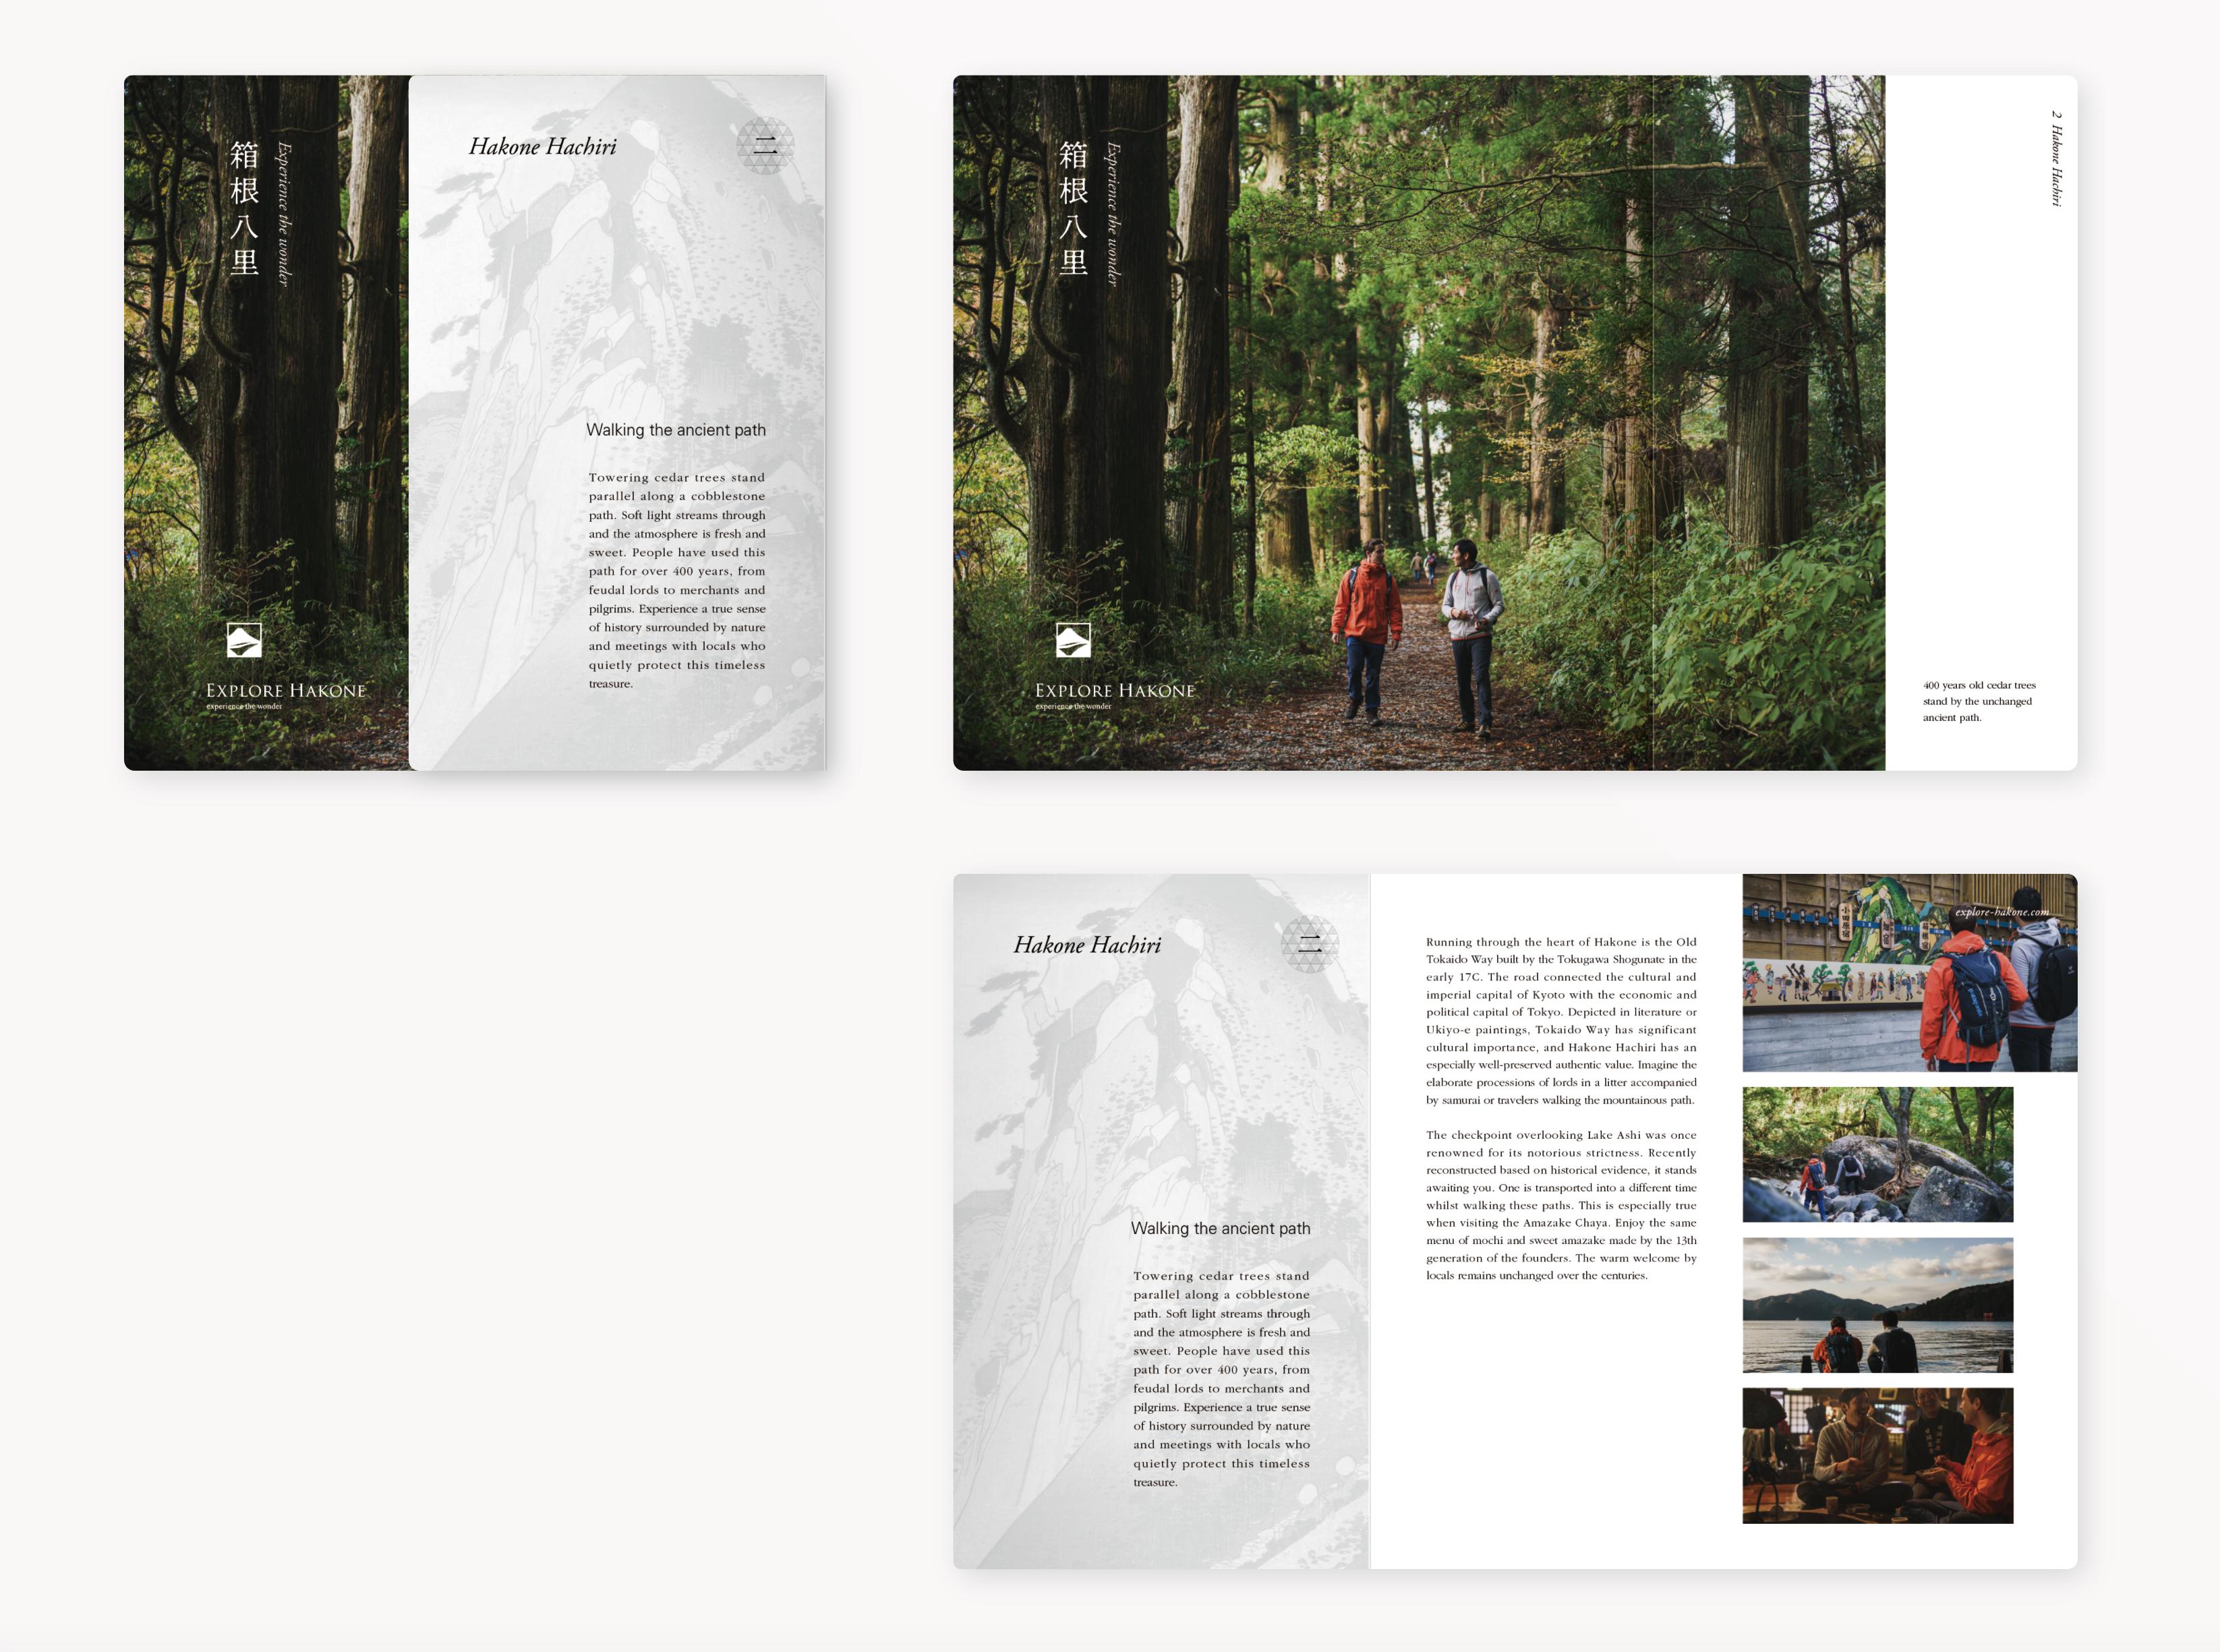 グラフィックデザイン パンフレットデザイン パッケージデザイン 編集エディトリアル 神奈川県 箱根 箱根八里